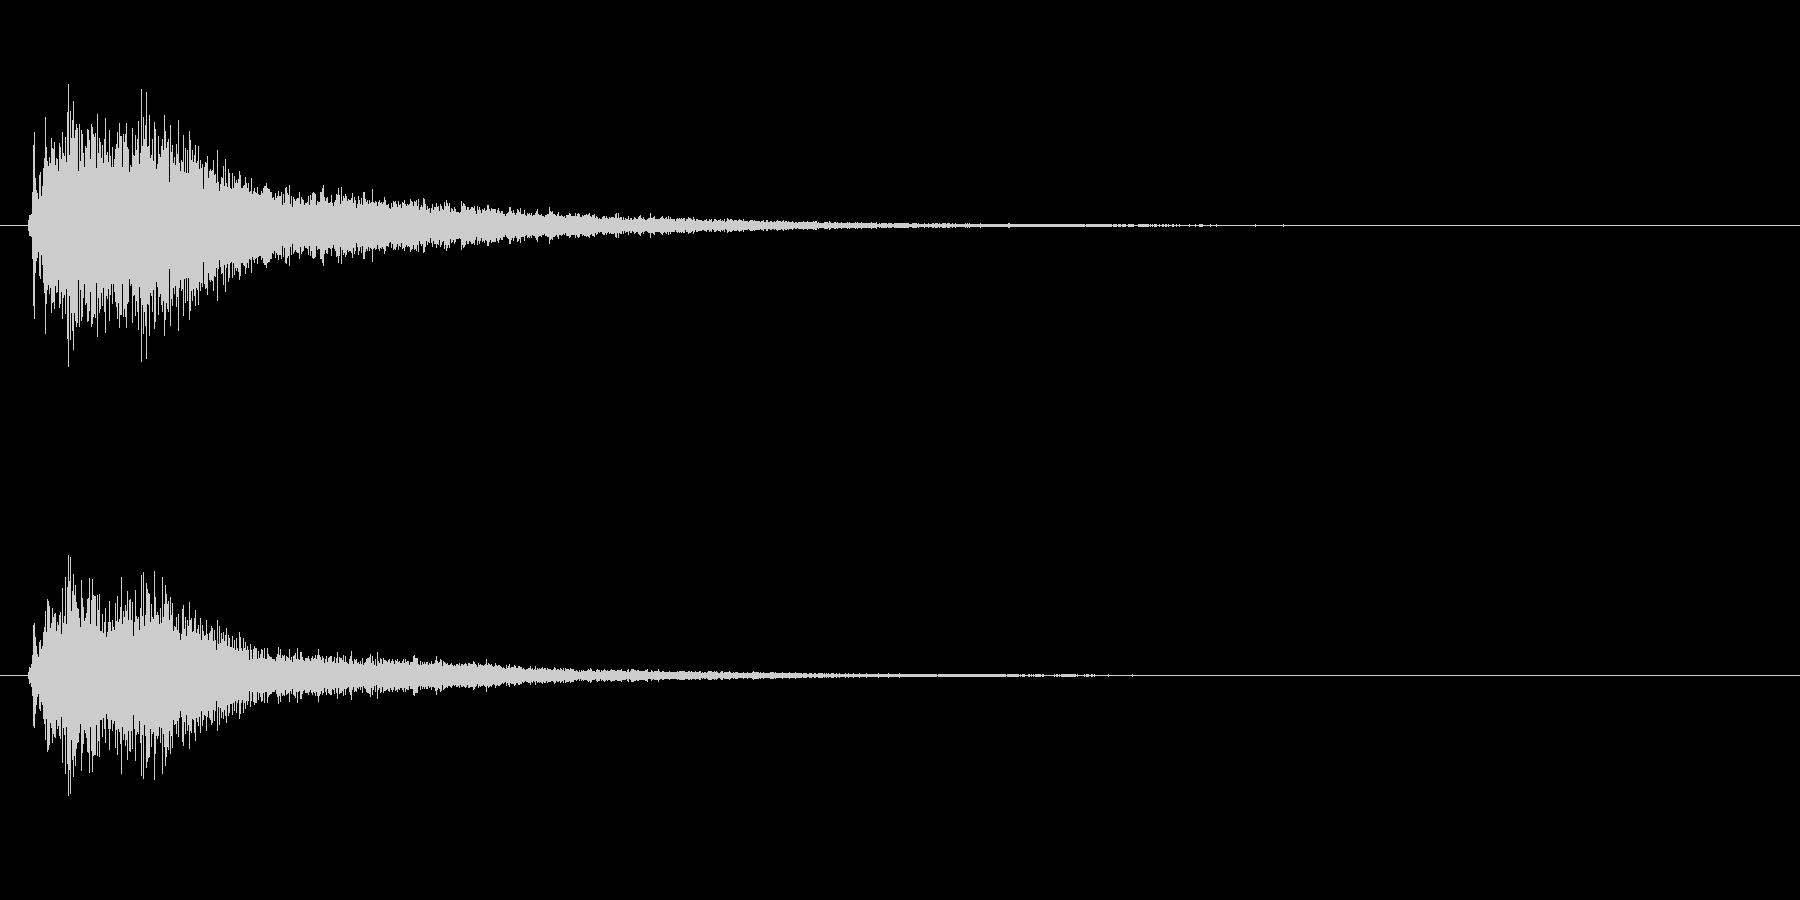 【ジャジャーン】オーケストラヒット2音の未再生の波形